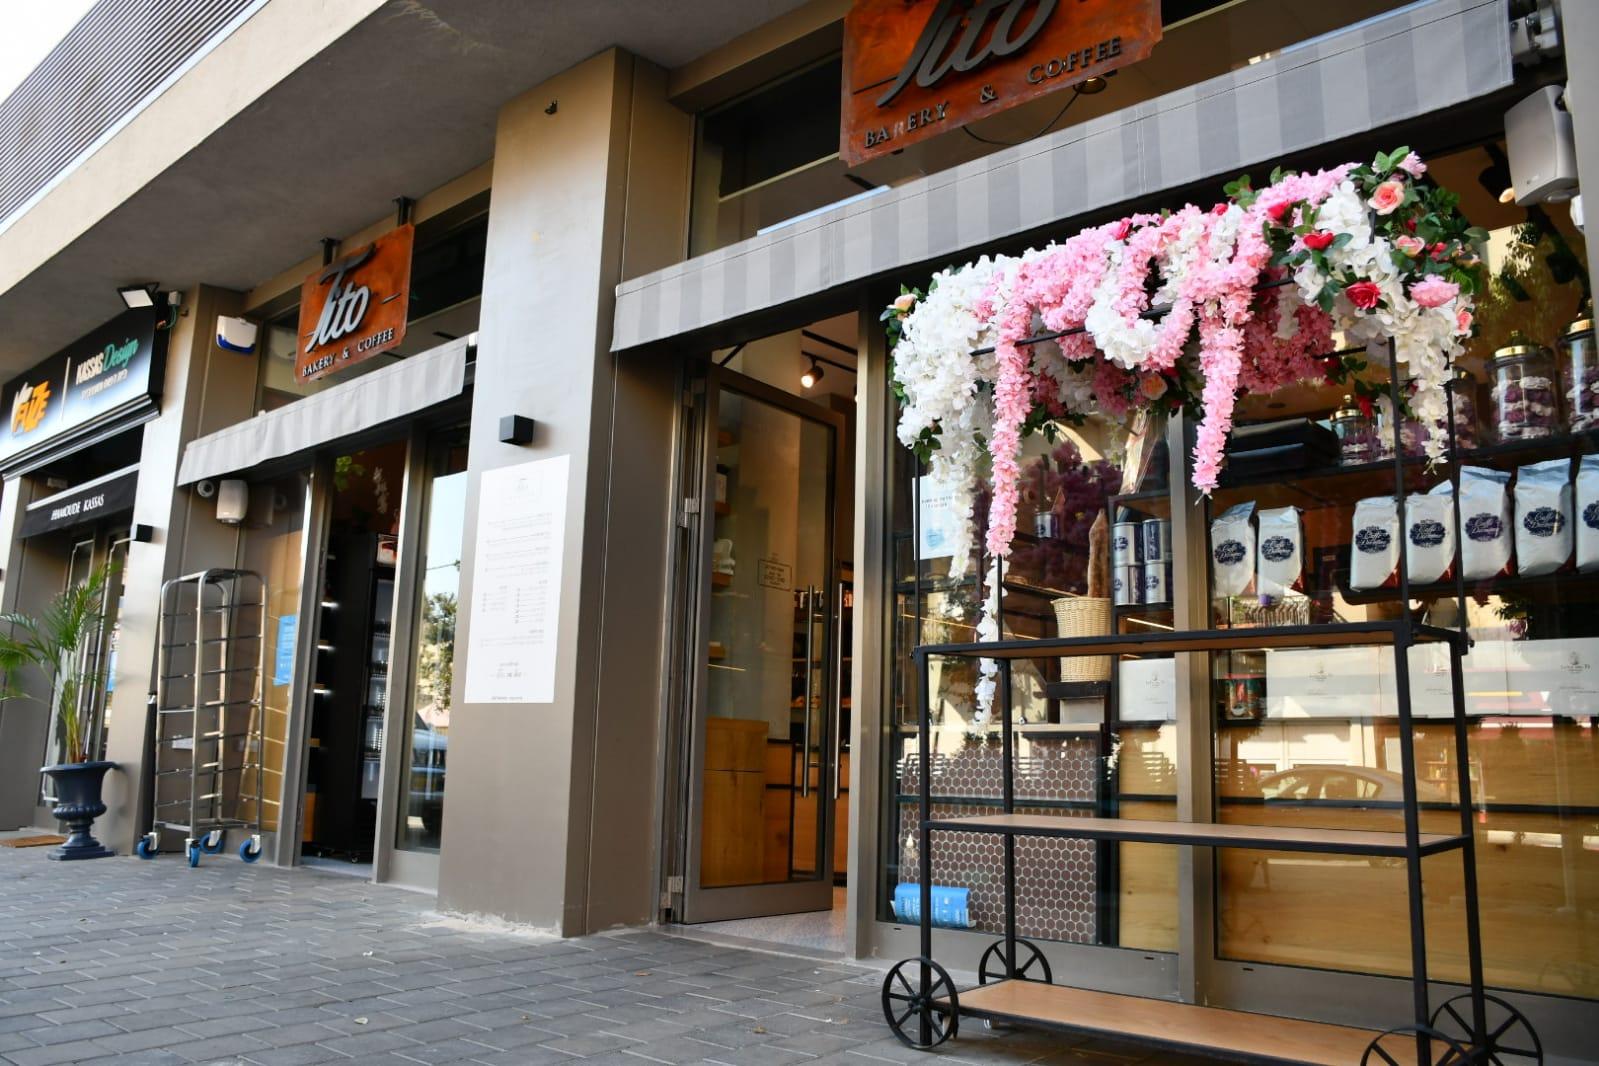 مقهى تيتو بيافا يفتتح أبوابه من جديد مع مفاجآت جديدة